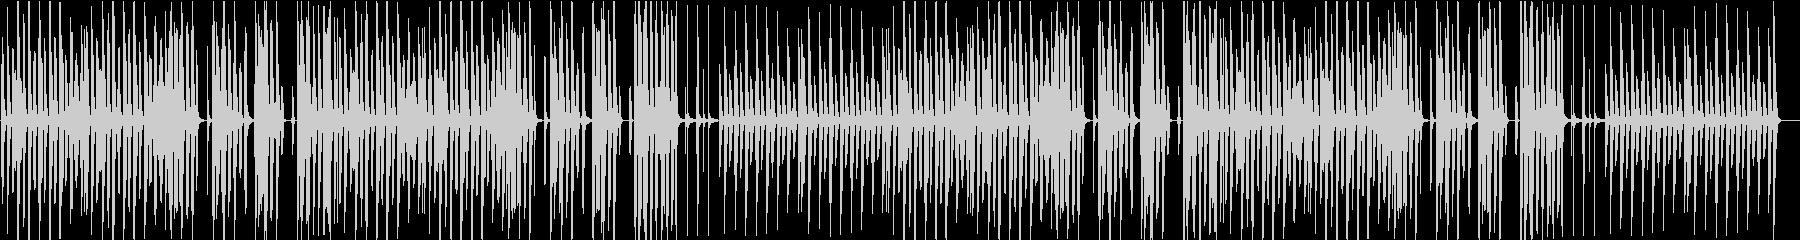 猫・日常・ほのぼの・リコーダー・軽快の未再生の波形